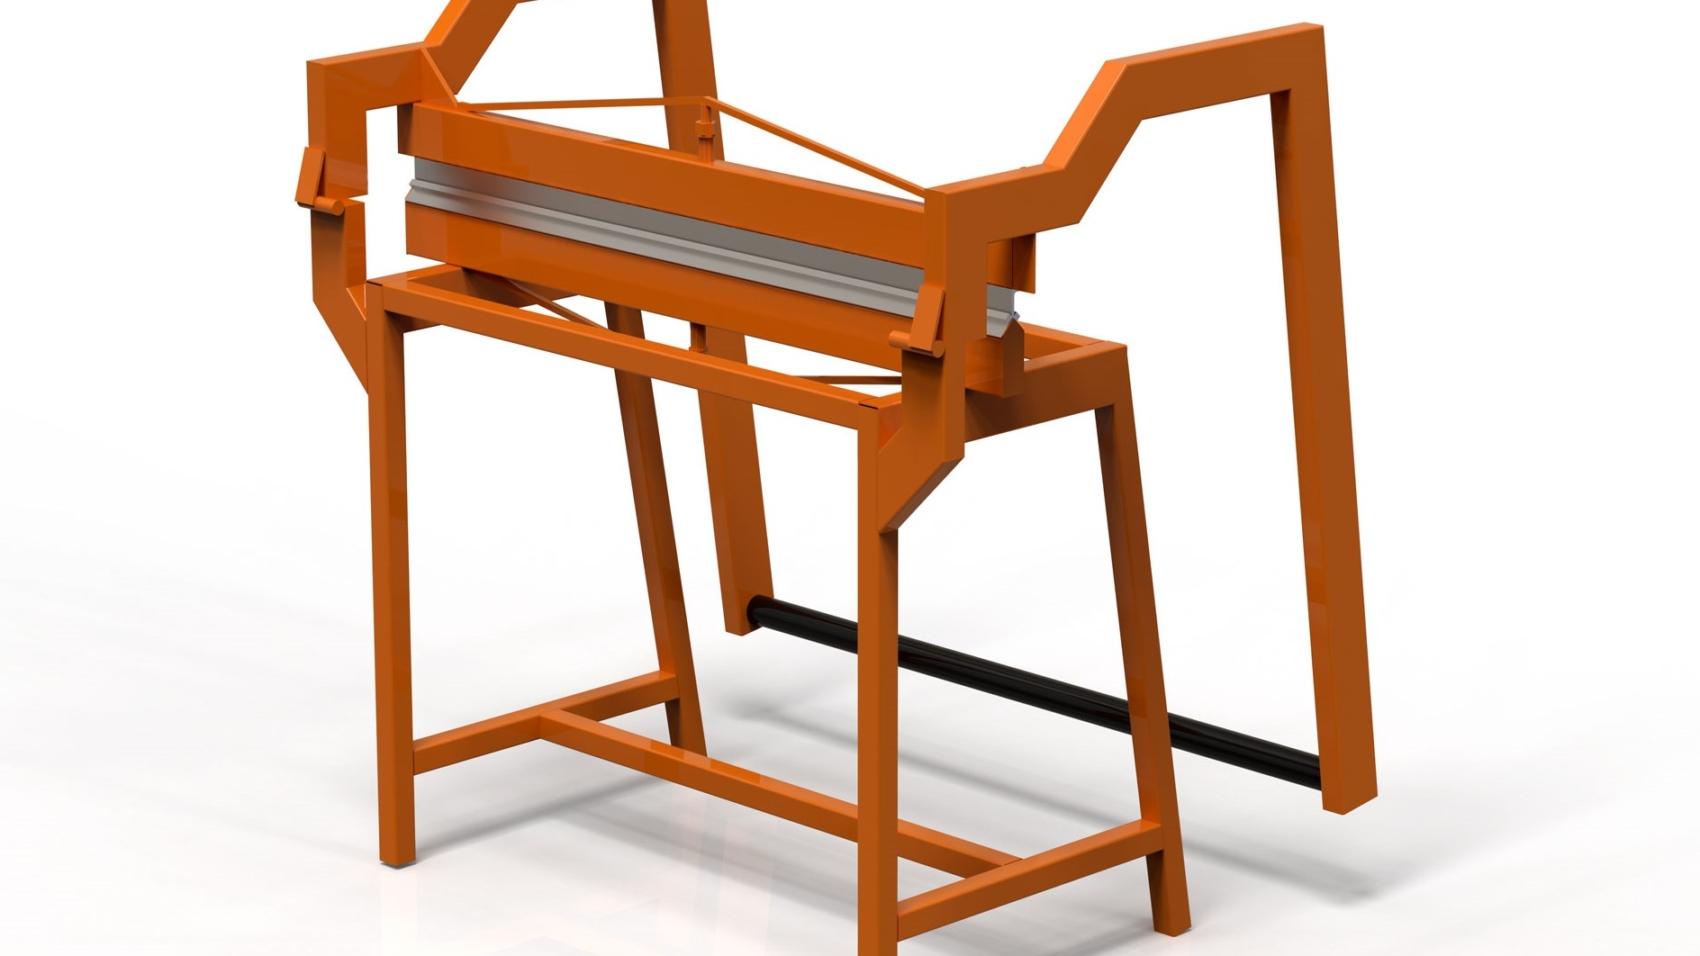 Листогиб прессовый ручной 3D-модель чертежи